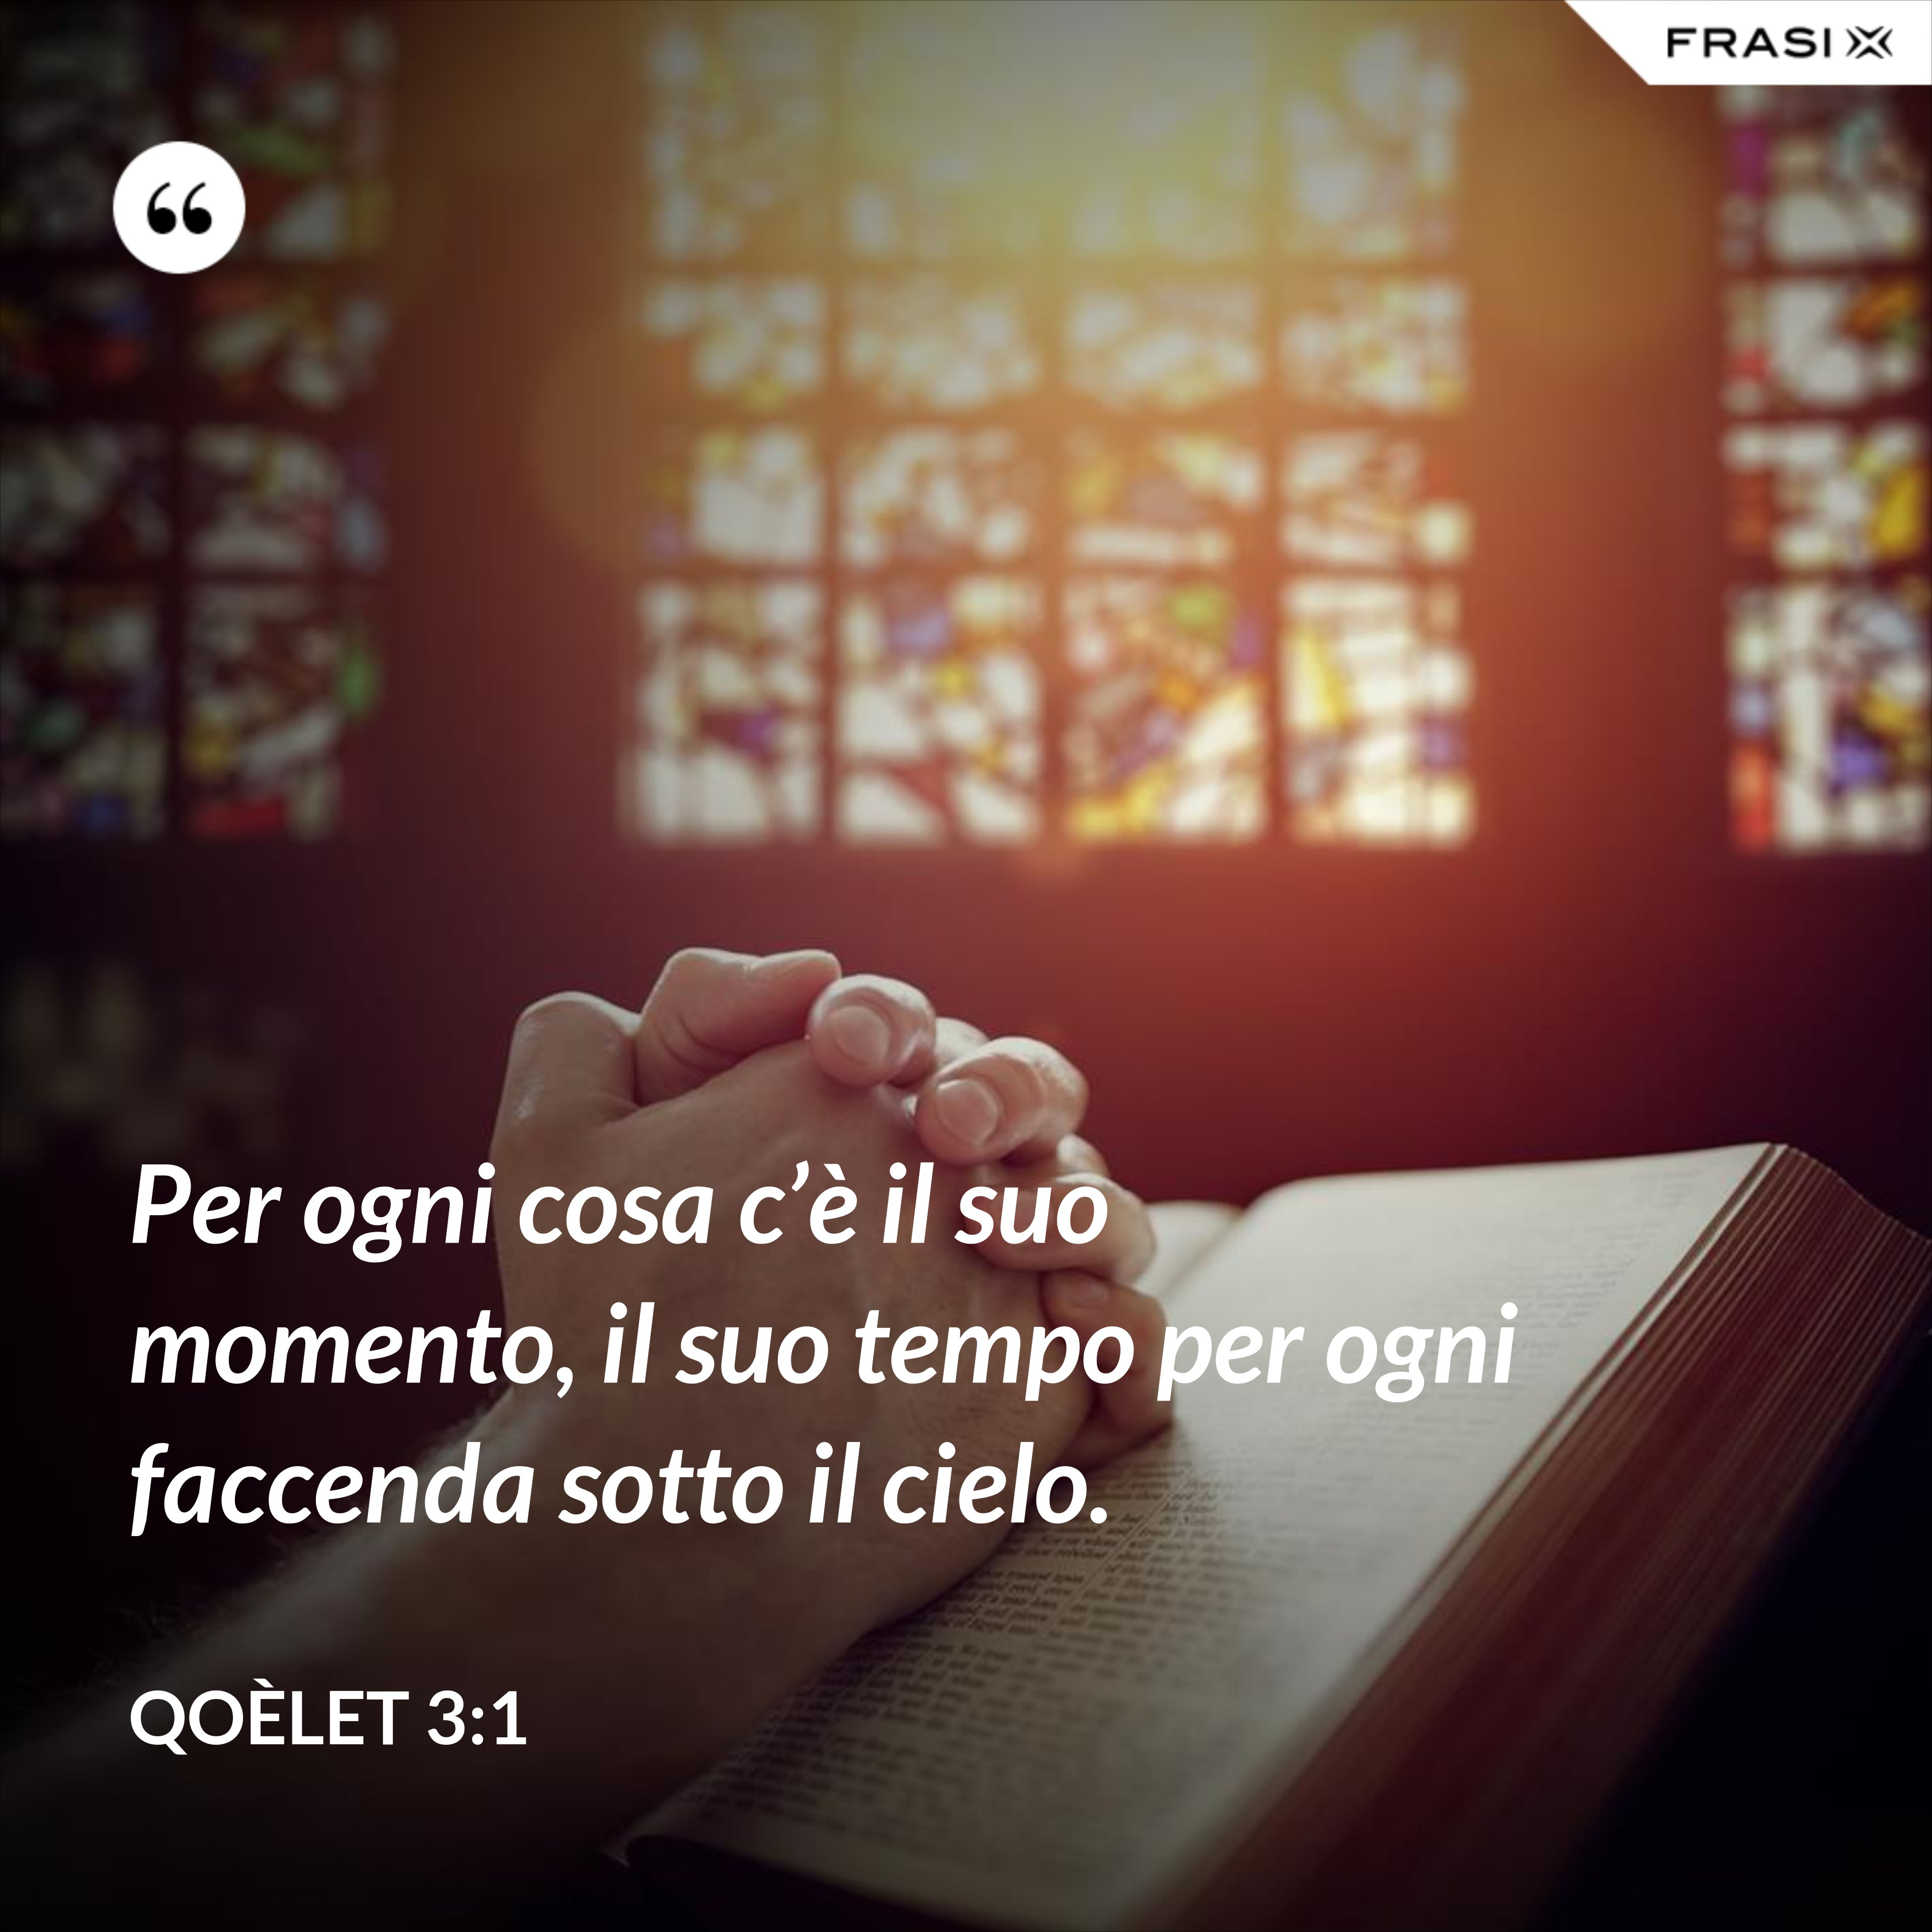 Per ogni cosa c'è il suo momento, il suo tempo per ogni faccenda sotto il cielo. - Qoèlet 3:1